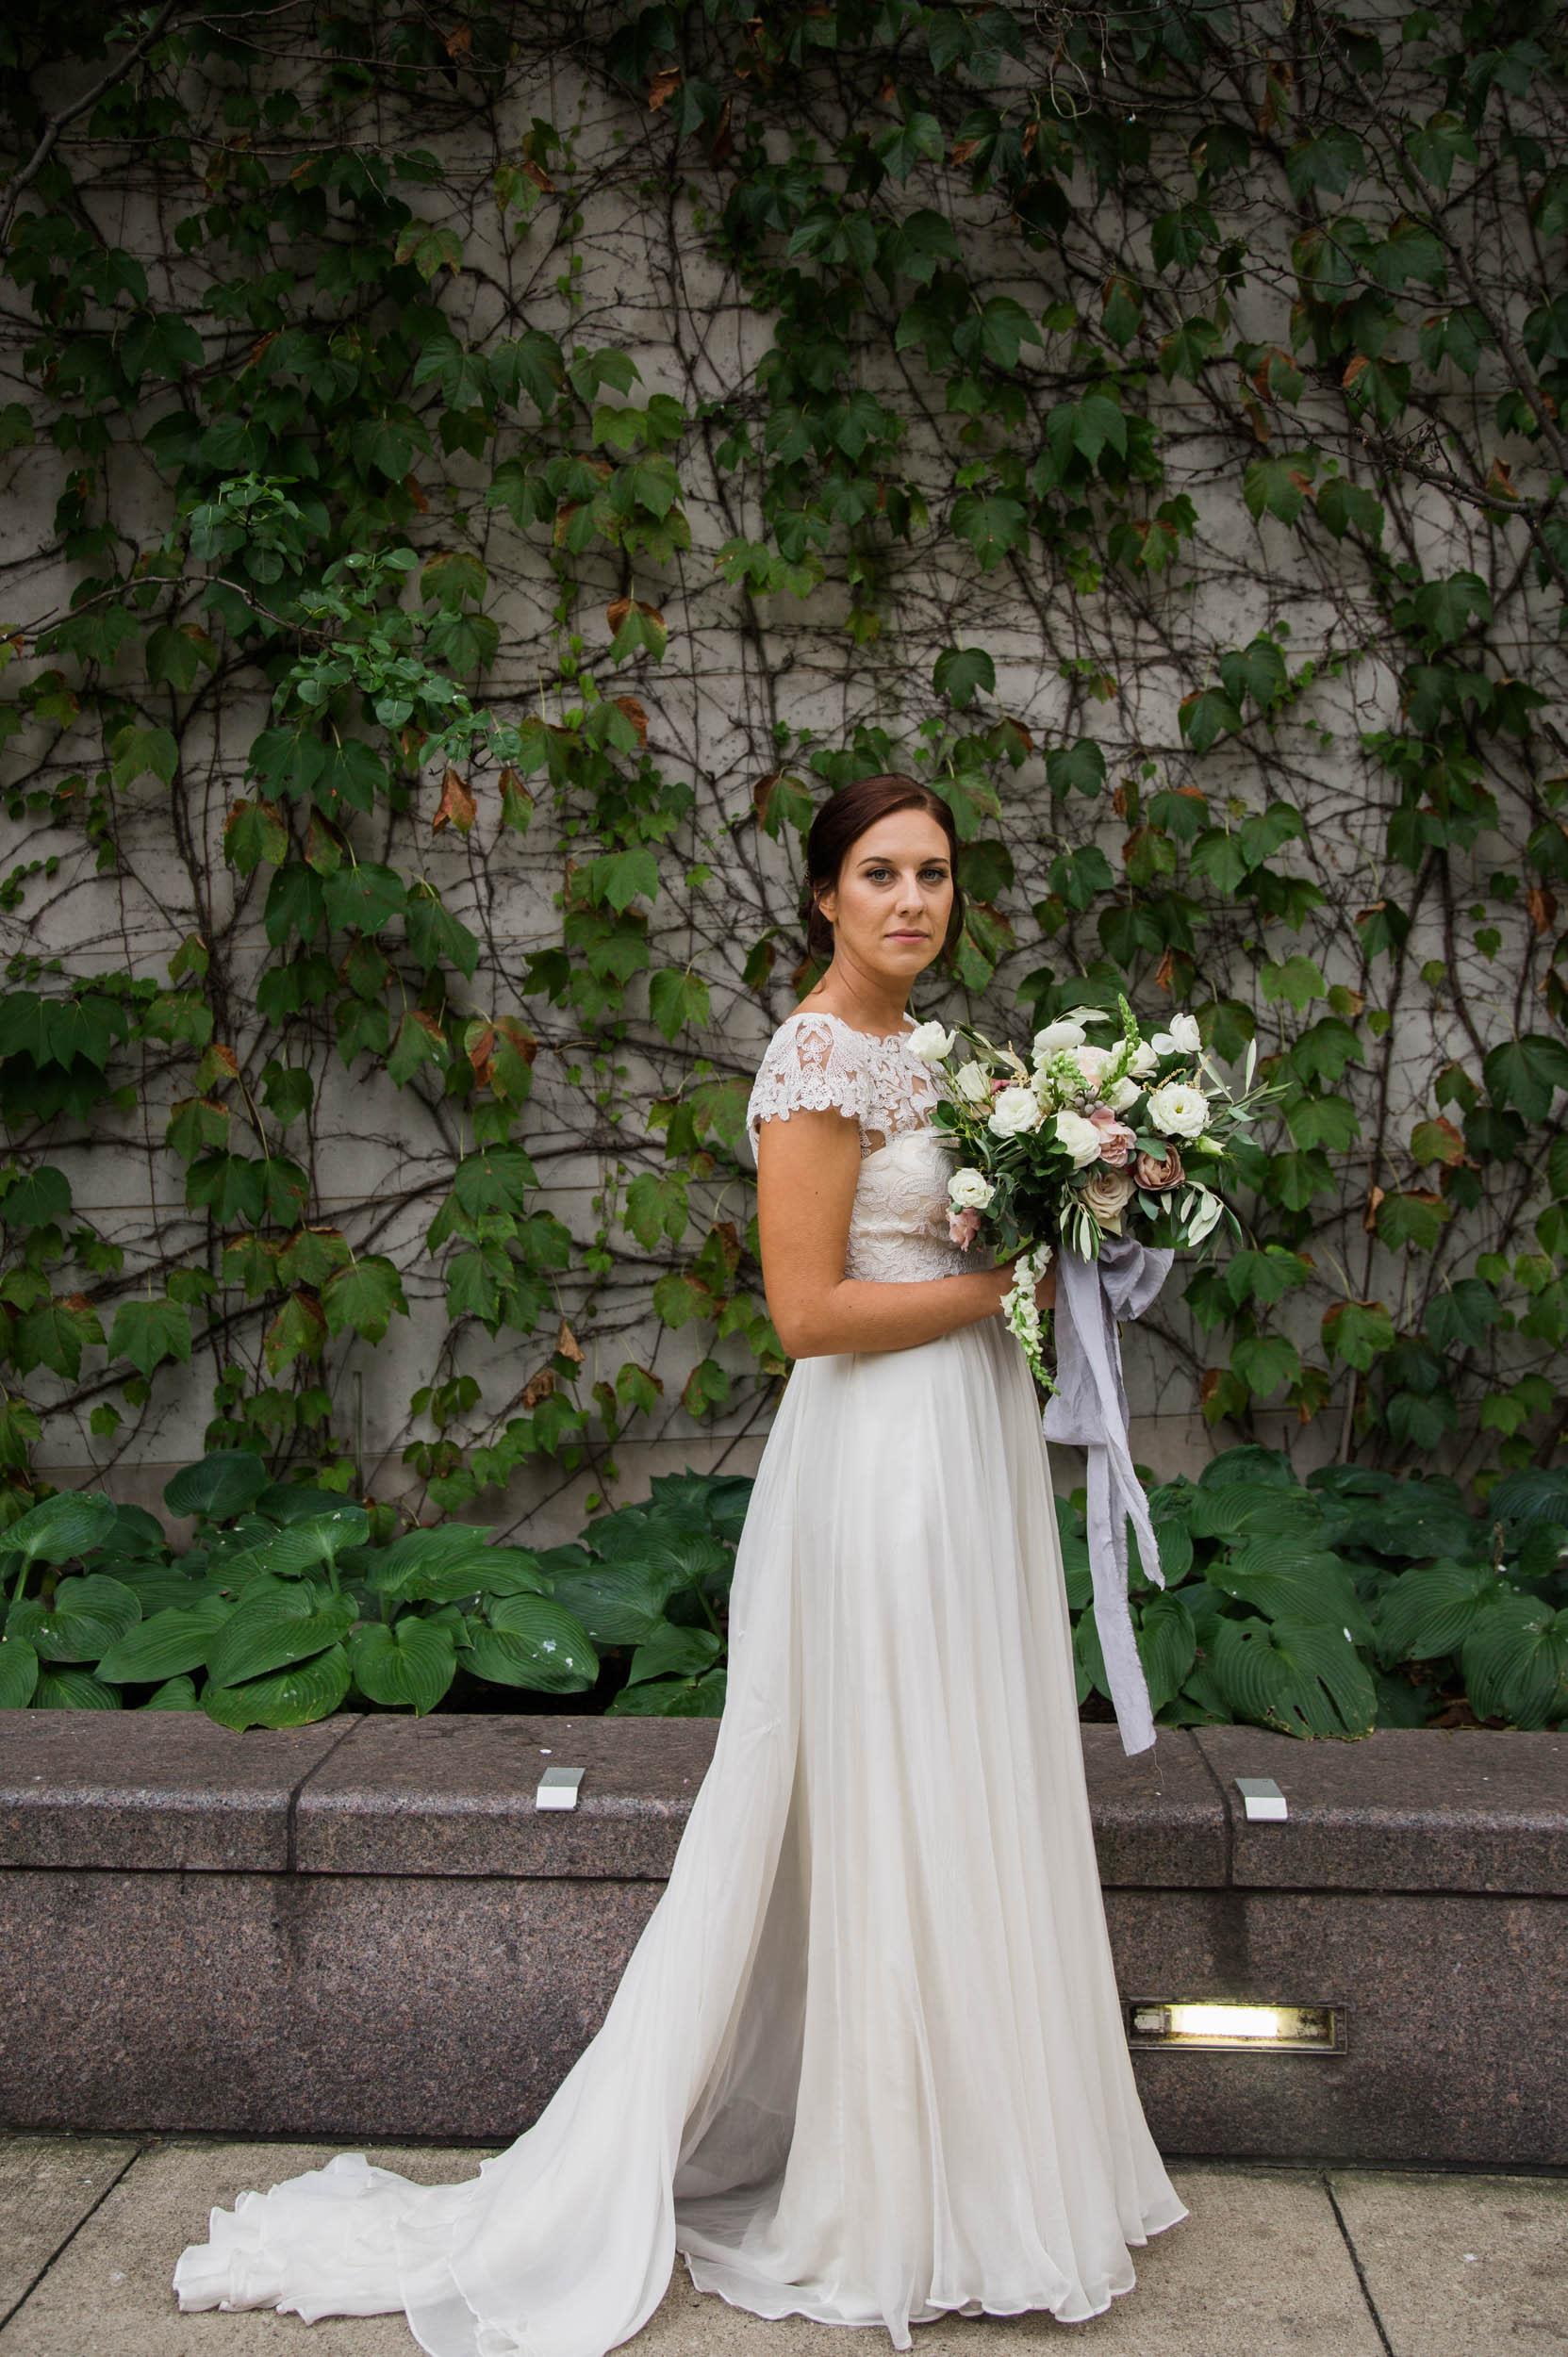 Chicago Wedding - Bride in Bhldn Gown